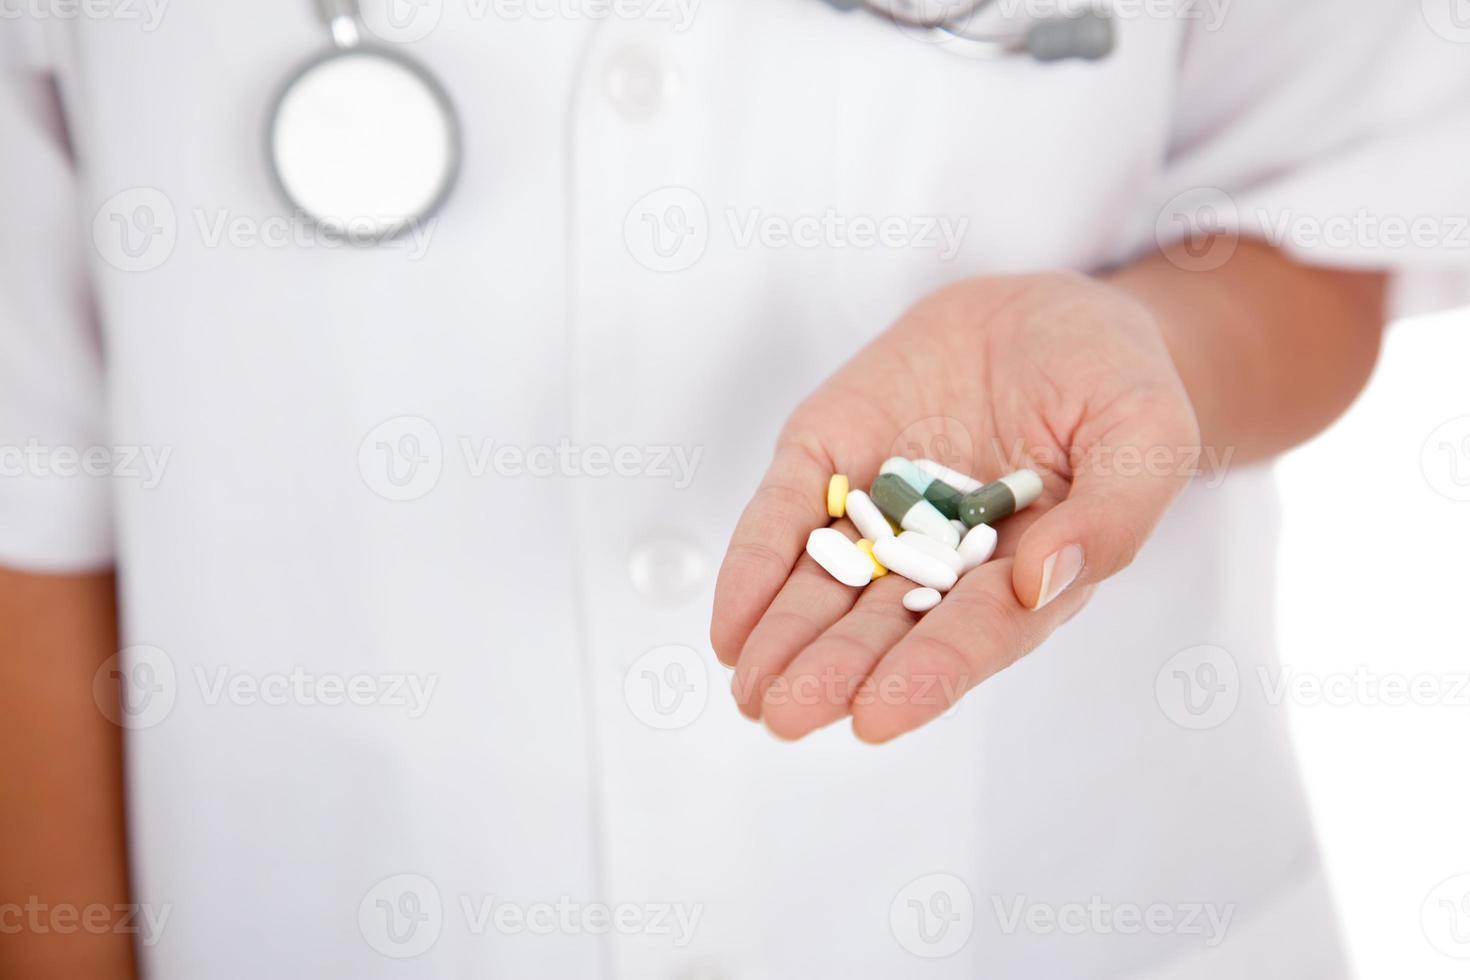 medico con medicina sul palmo della mano foto